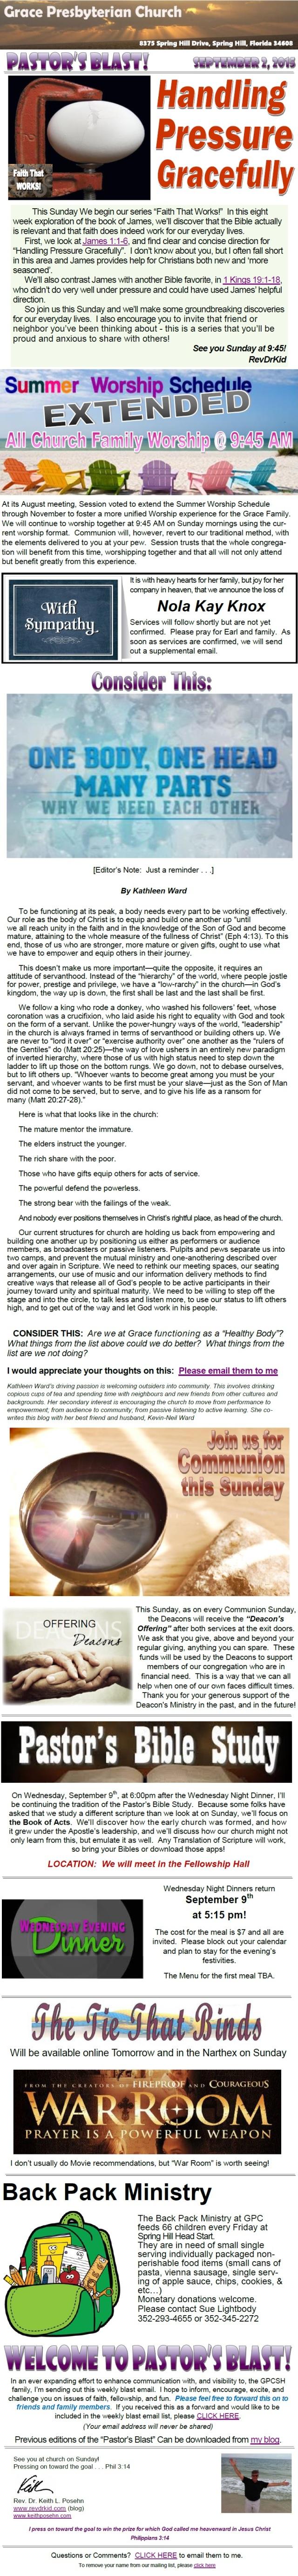 9-2-15 - Pastor's Blast - Handling Pressure Gracefully